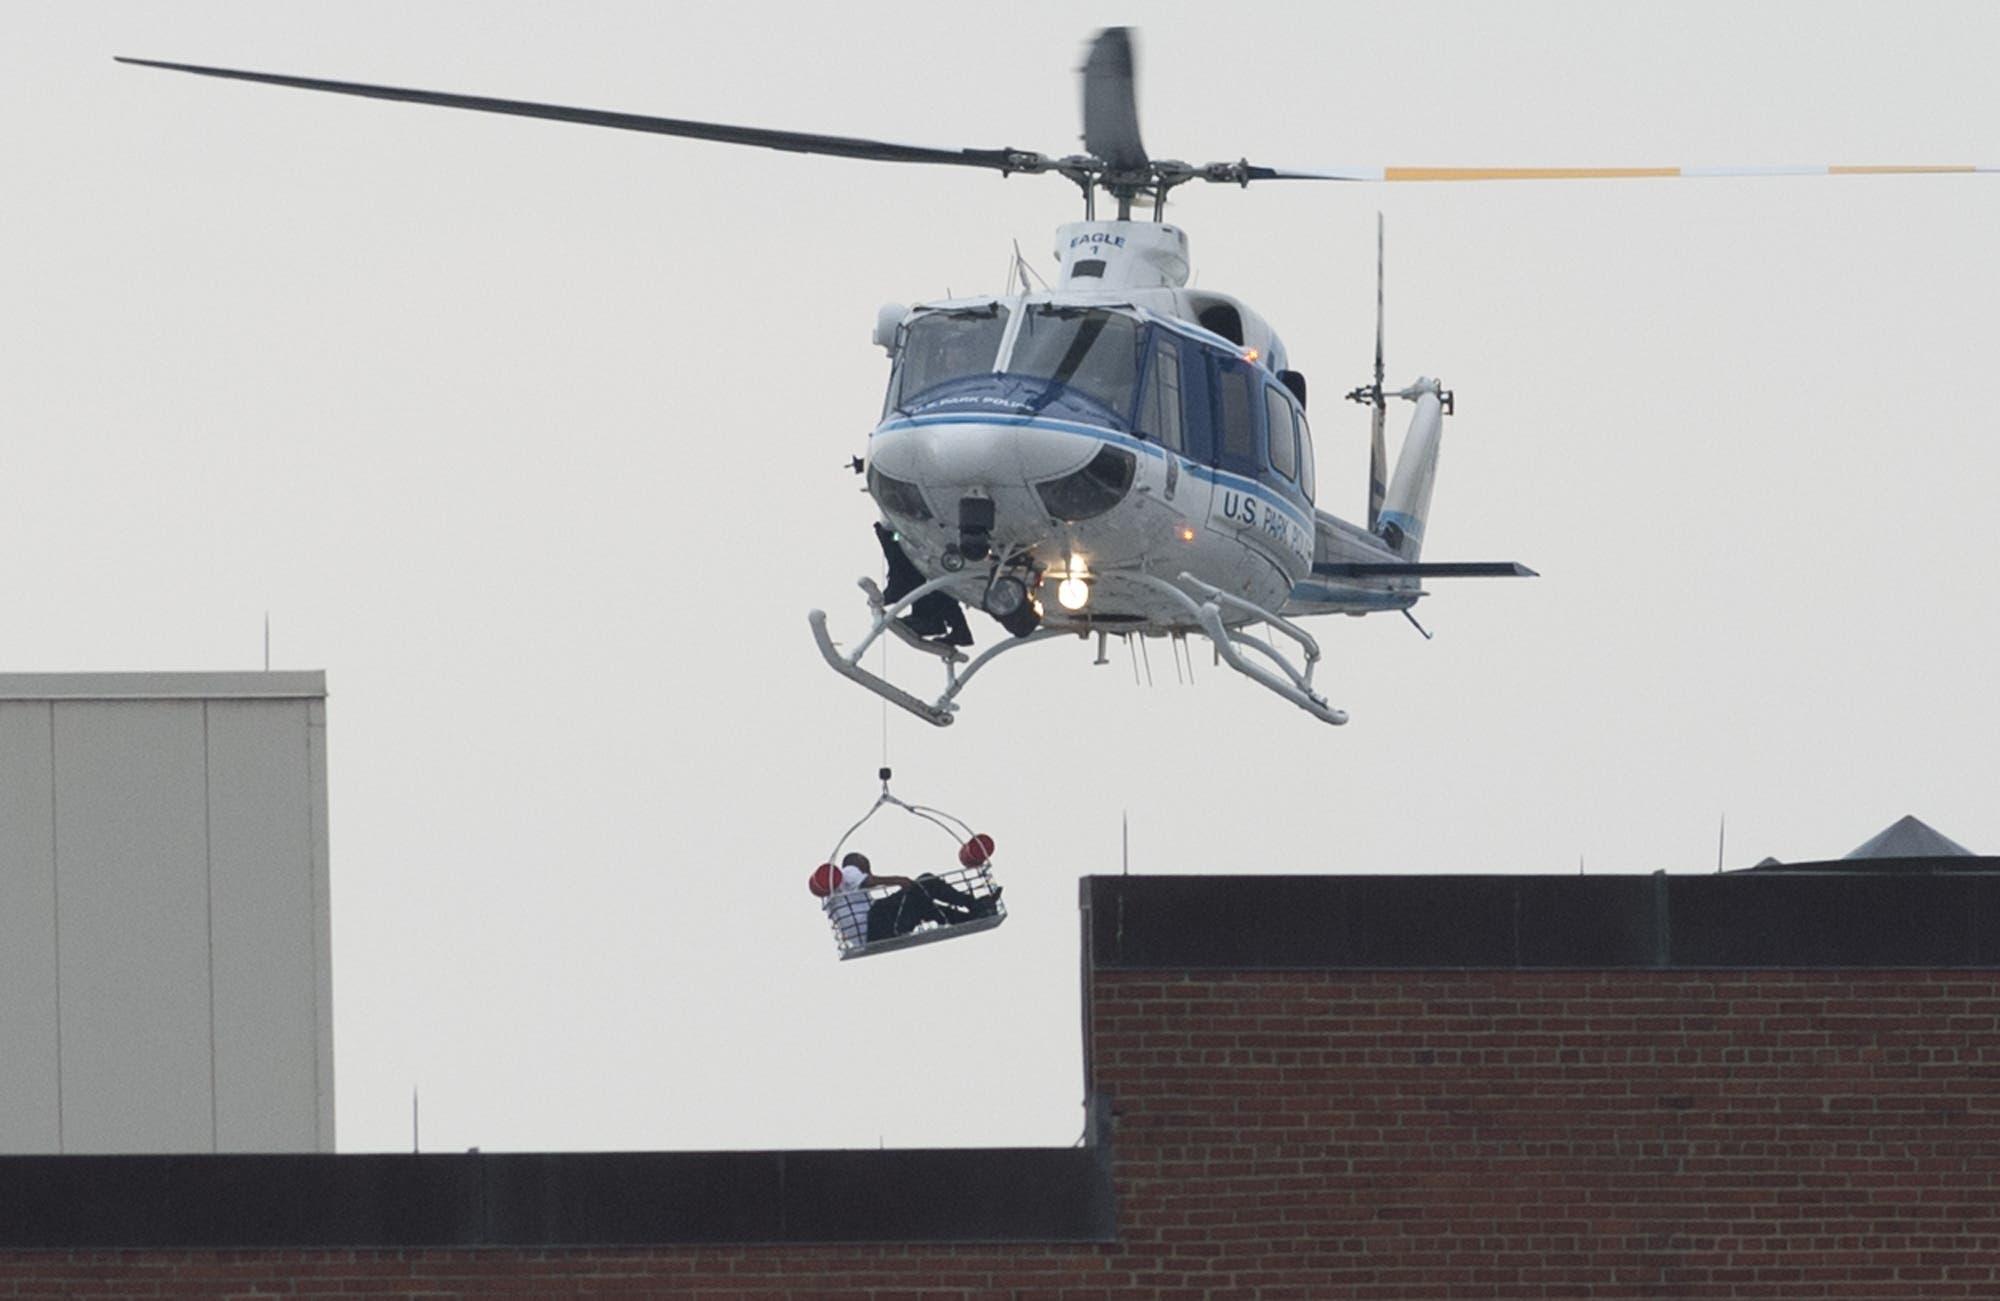 U.S. Navy base in Washington under attack